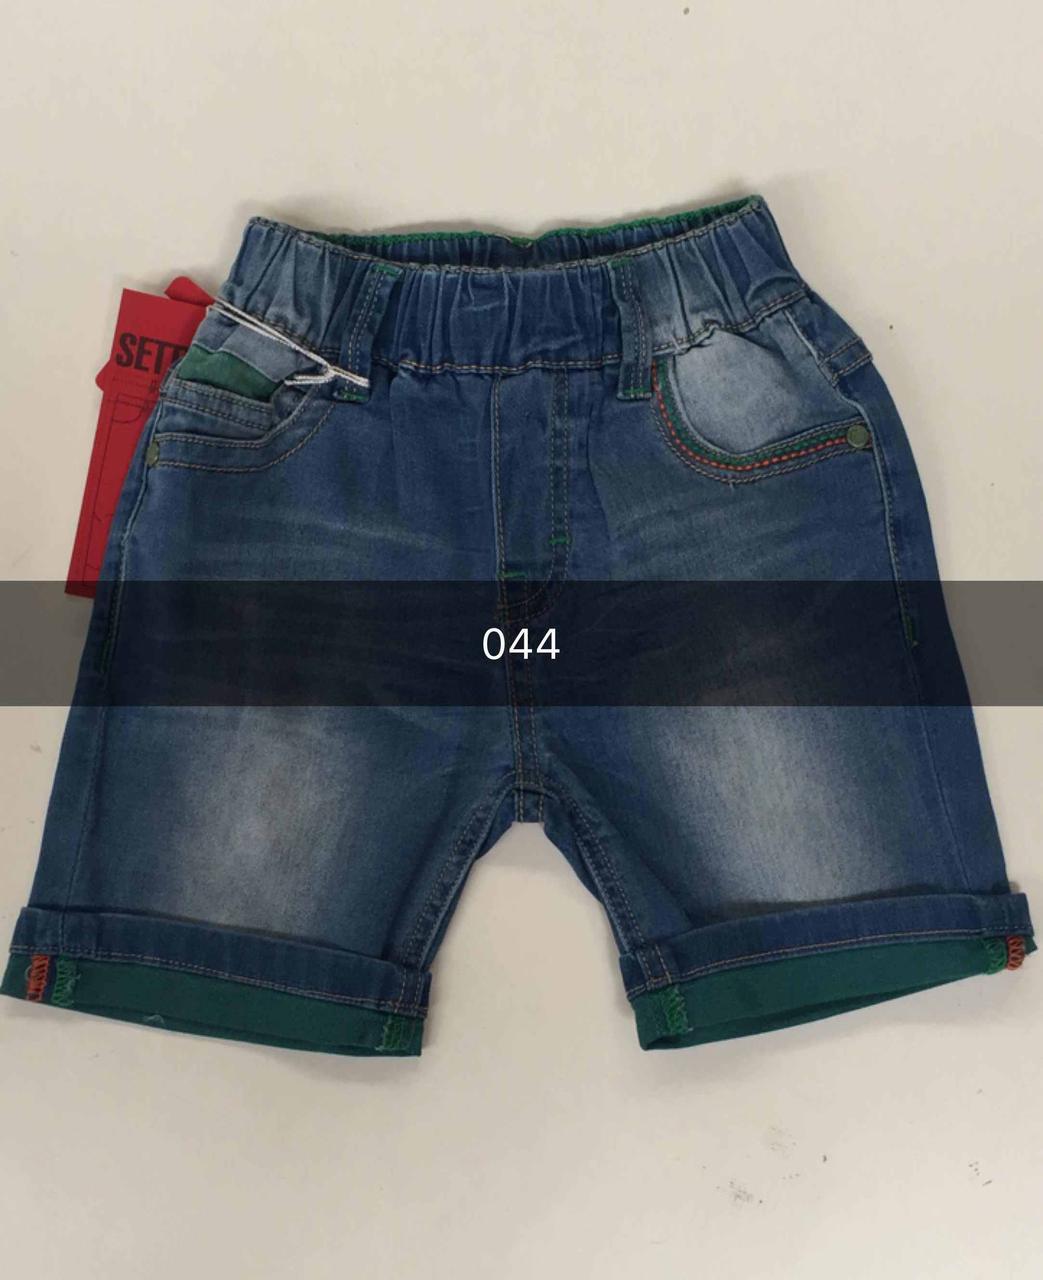 Джинсовые шорты для мальчиков Setty Koop 1-5 лет